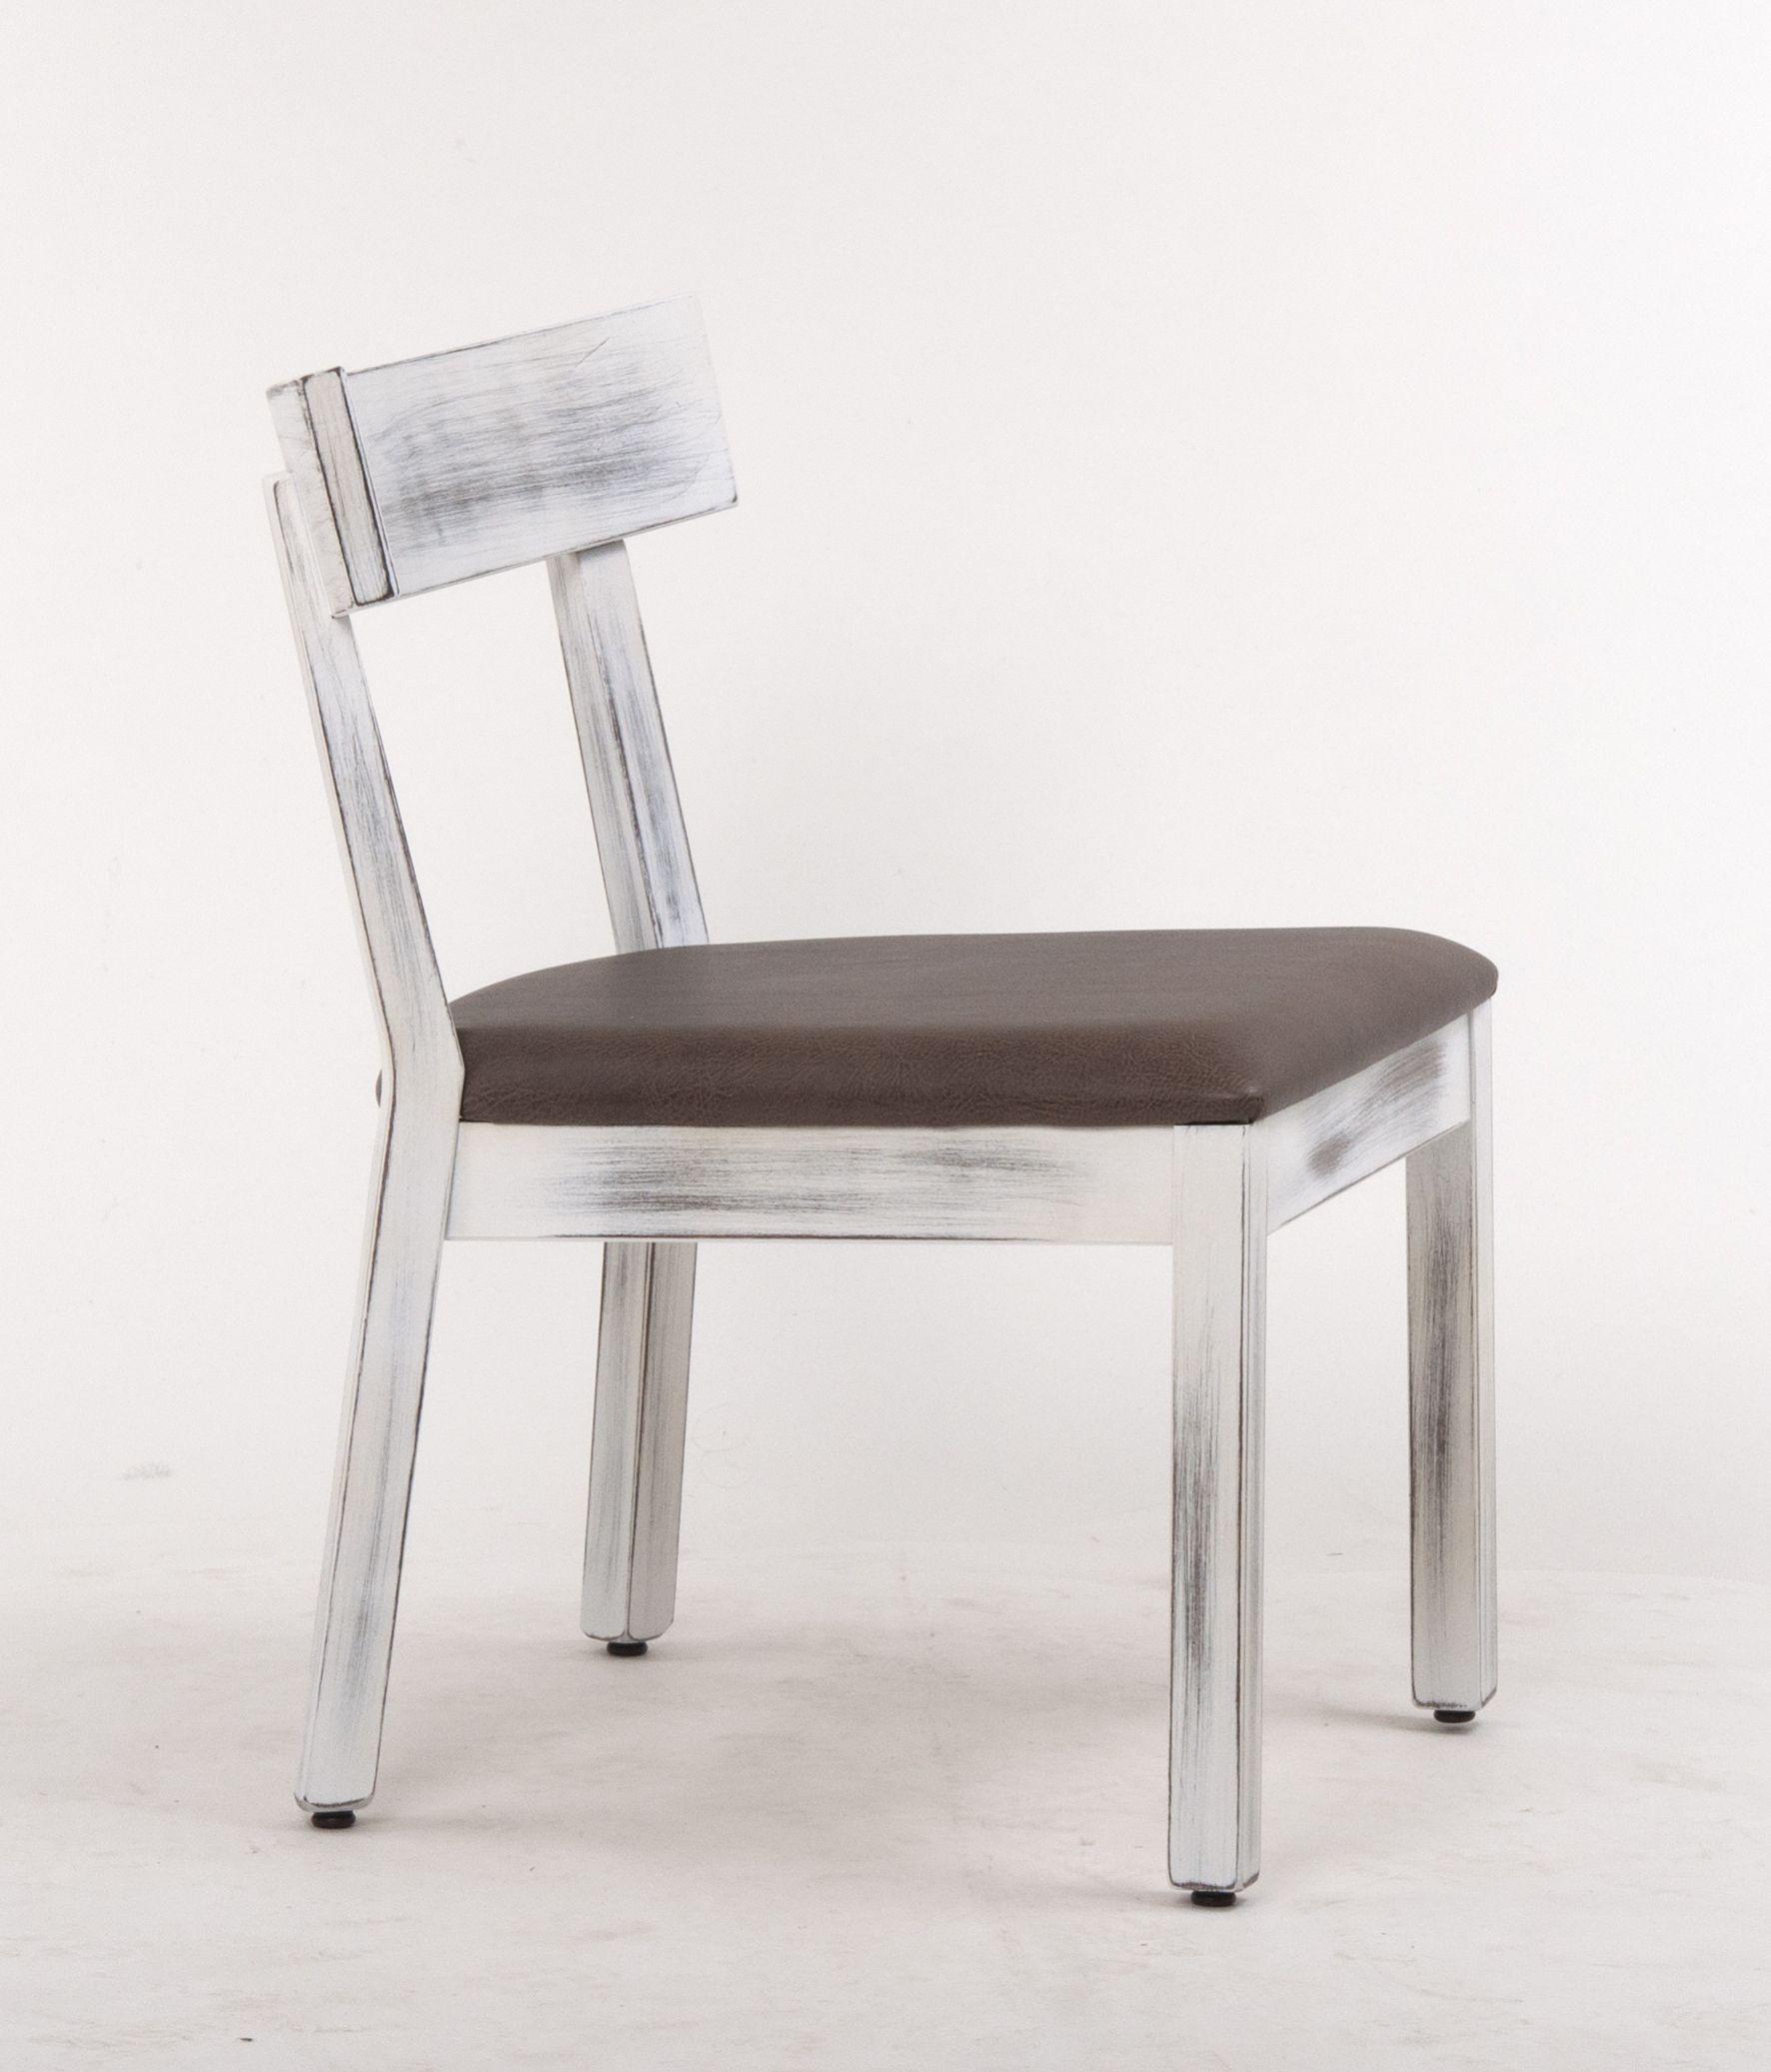 gastronomie mobel bestuhlung lounge stuhl lounge mobel sessel sitzen tisch